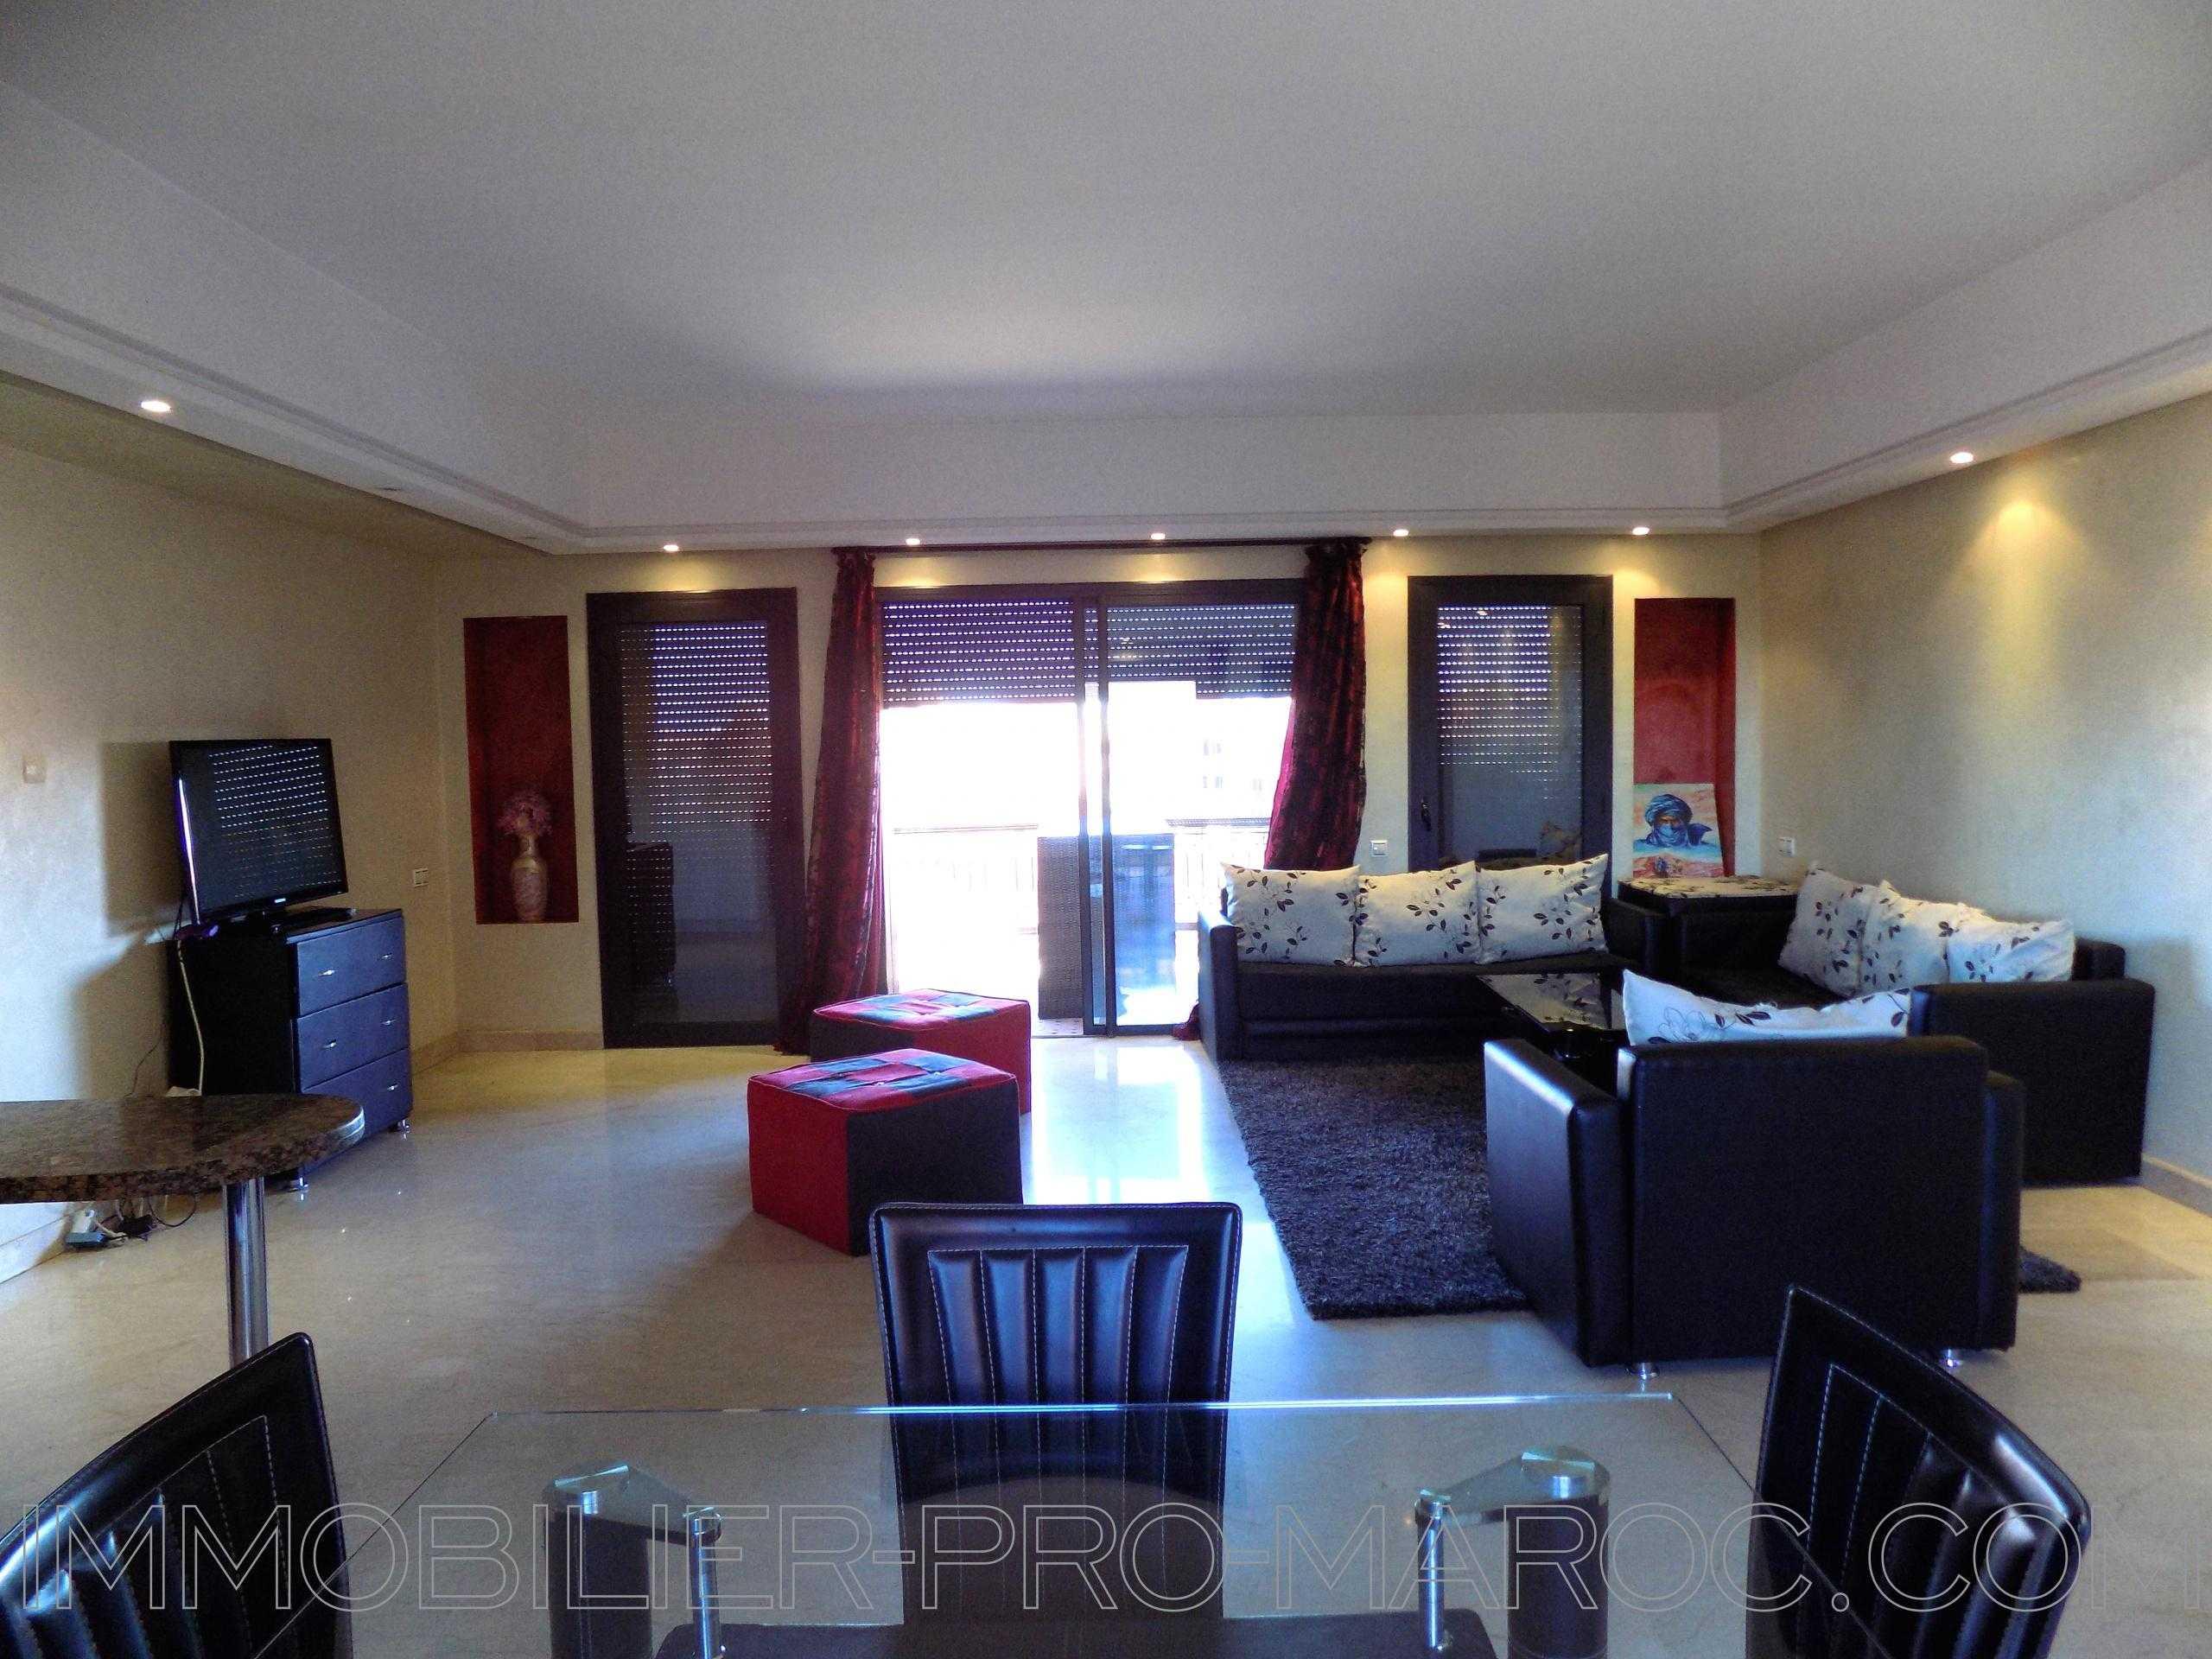 ... Appartement Avantages Appartement Moderne Térrasse Dernier  étage Traversant ...